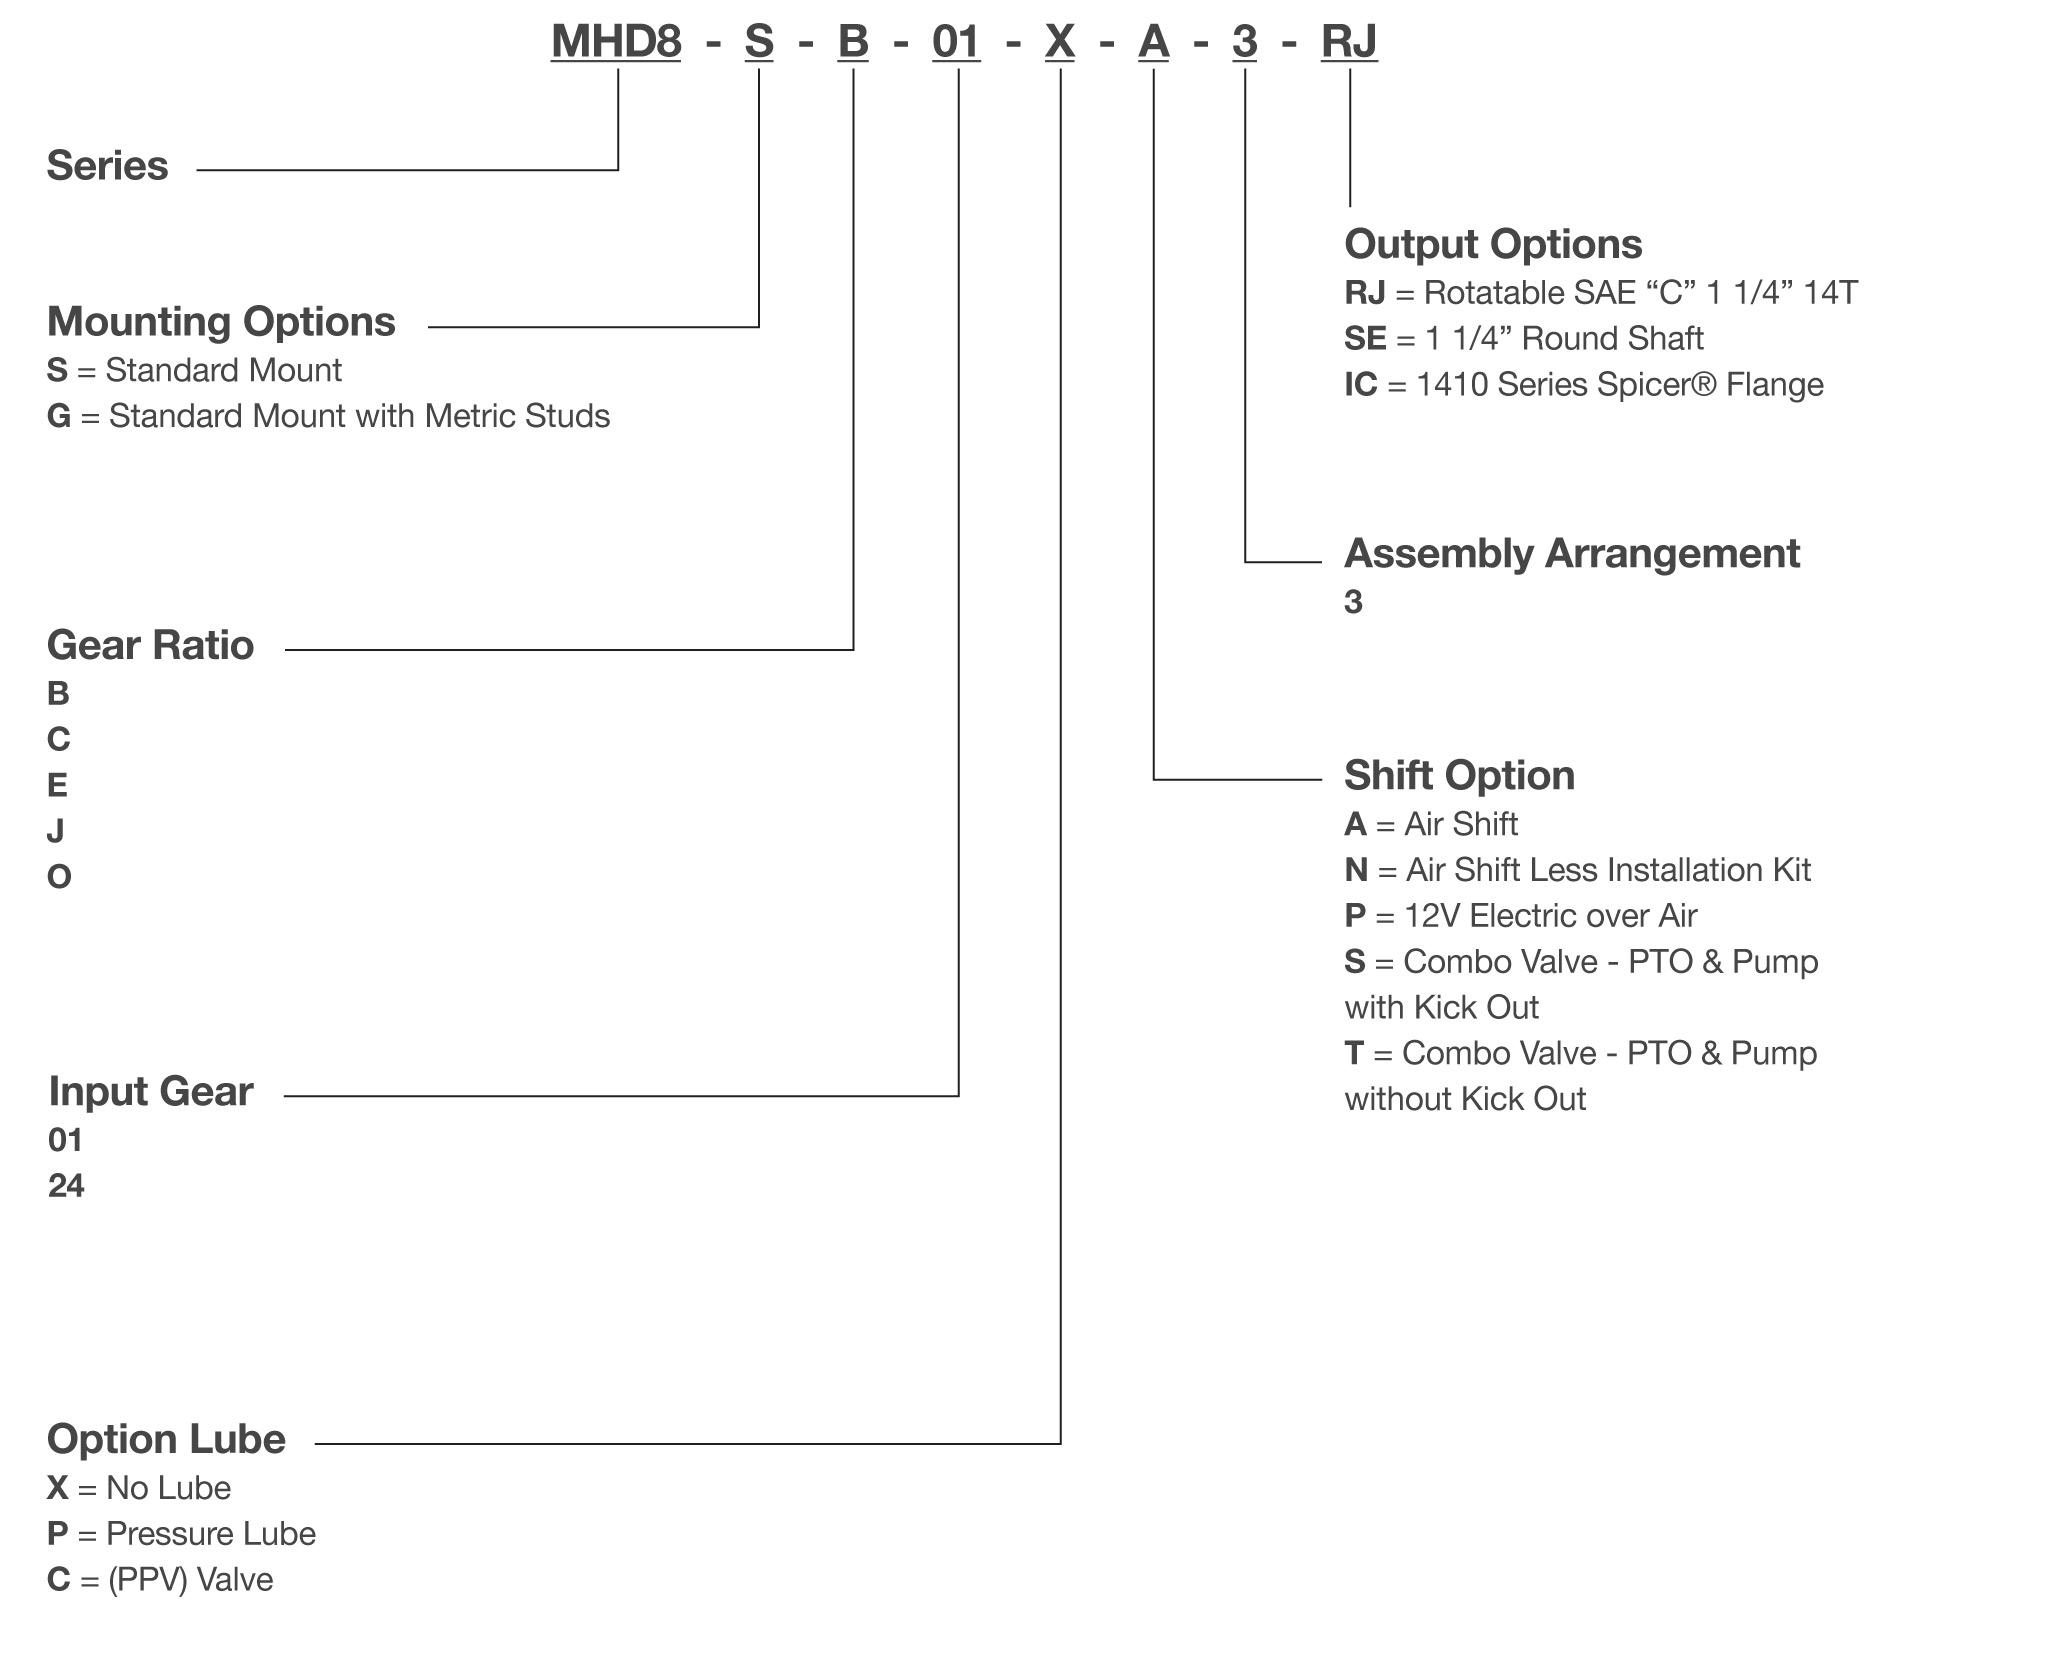 Metaris Aftermarket Heavy Duty 8 Bolt Power Take-offs (PTOs) - MHD8